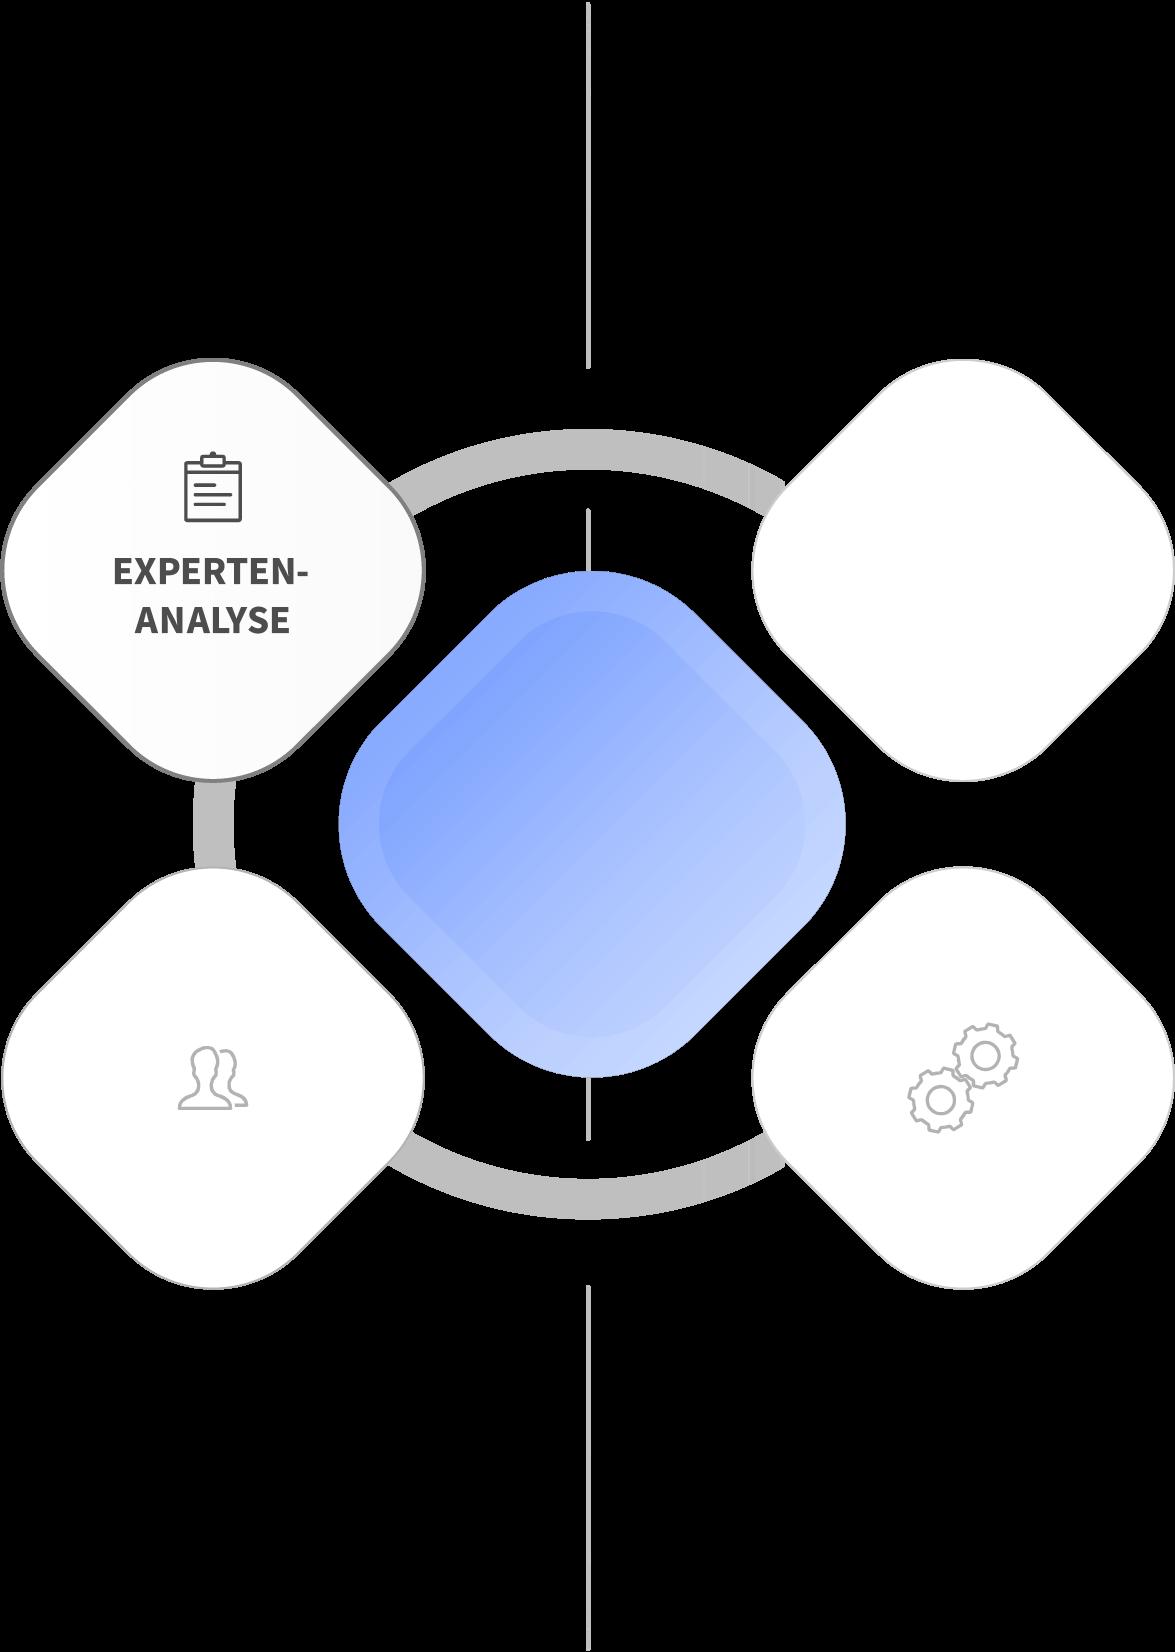 Usability Engineering - Services - Expertenanalyse